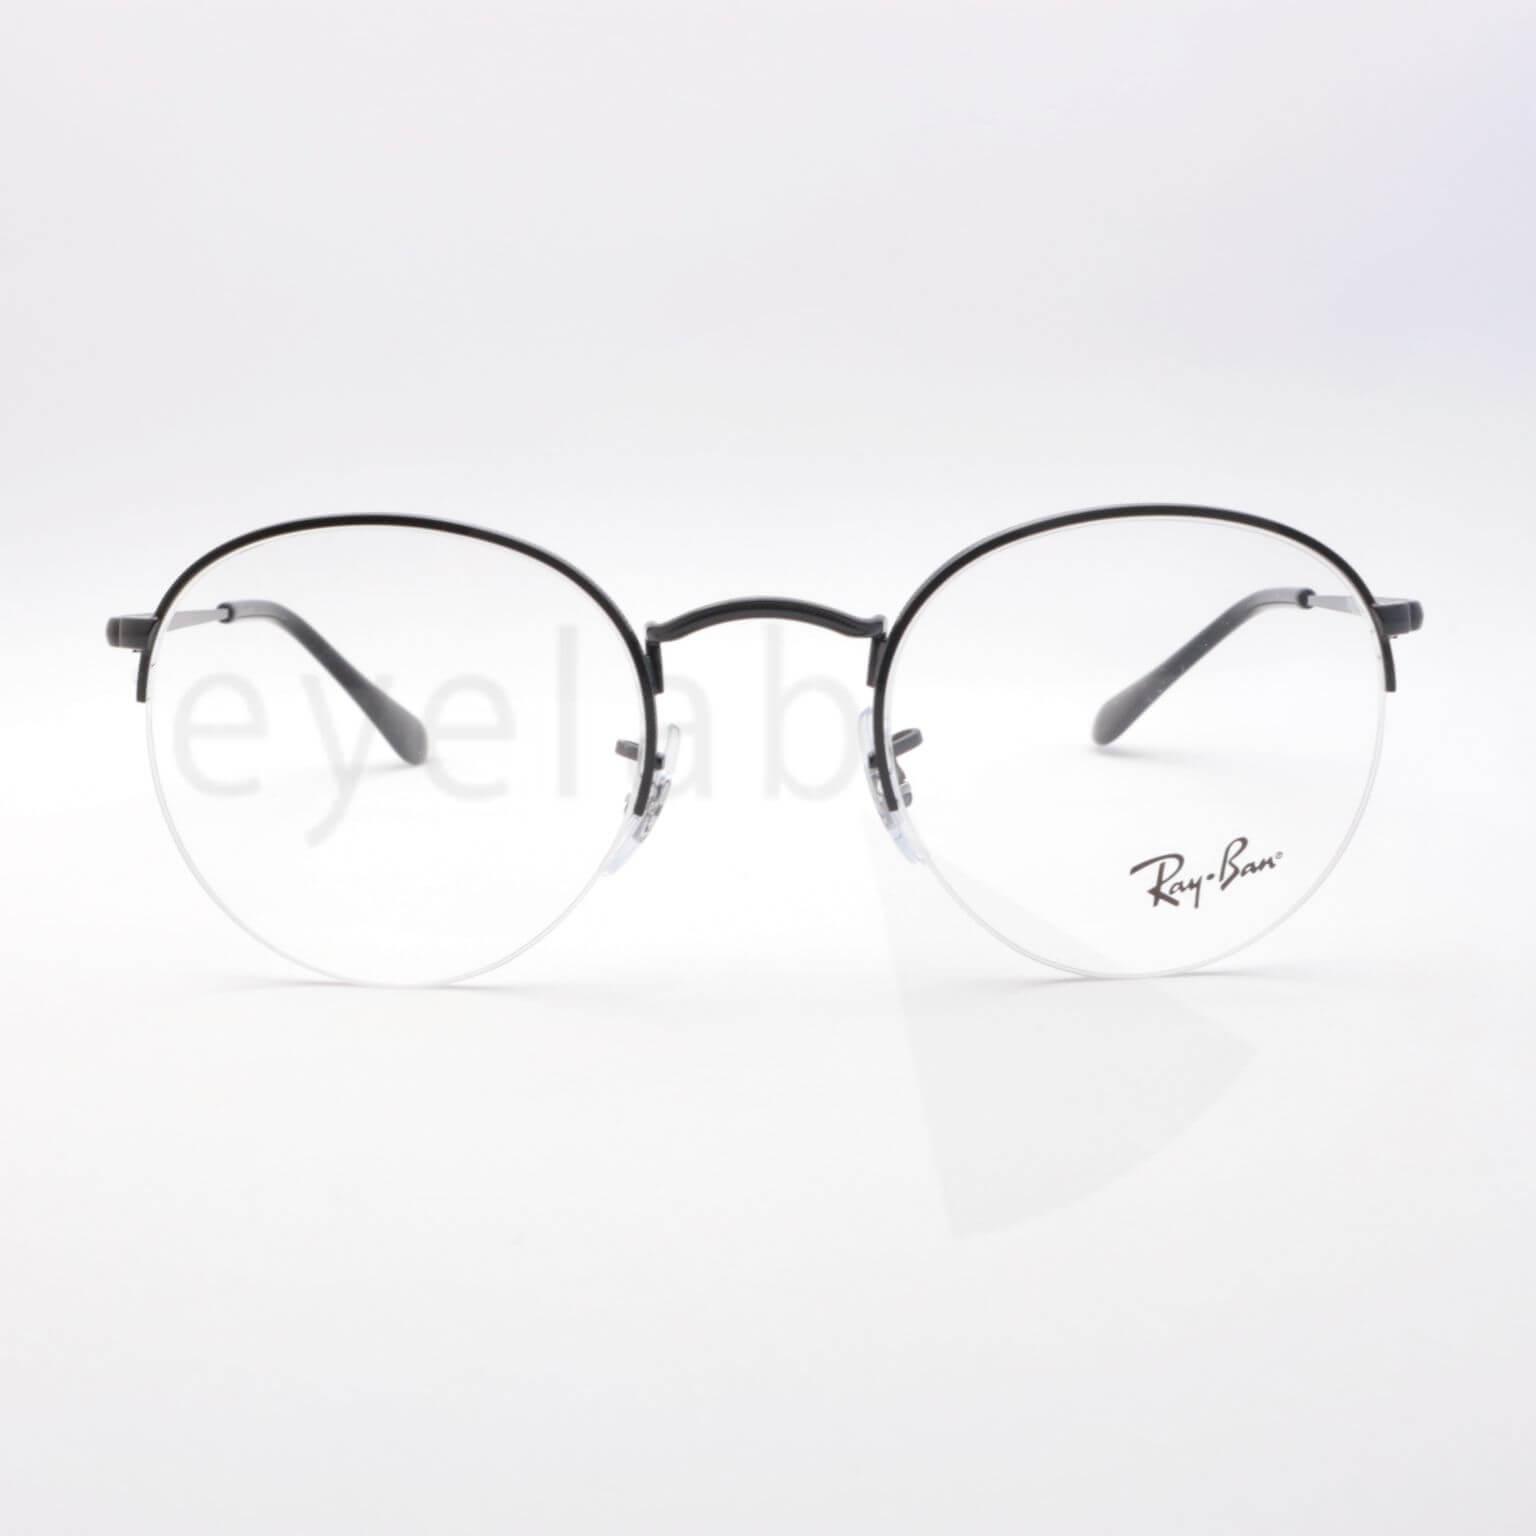 Γυαλιά οράσεως Ray-Ban 3947V 2509 ~ Οπτικά Eyelab 10cbc0d2320